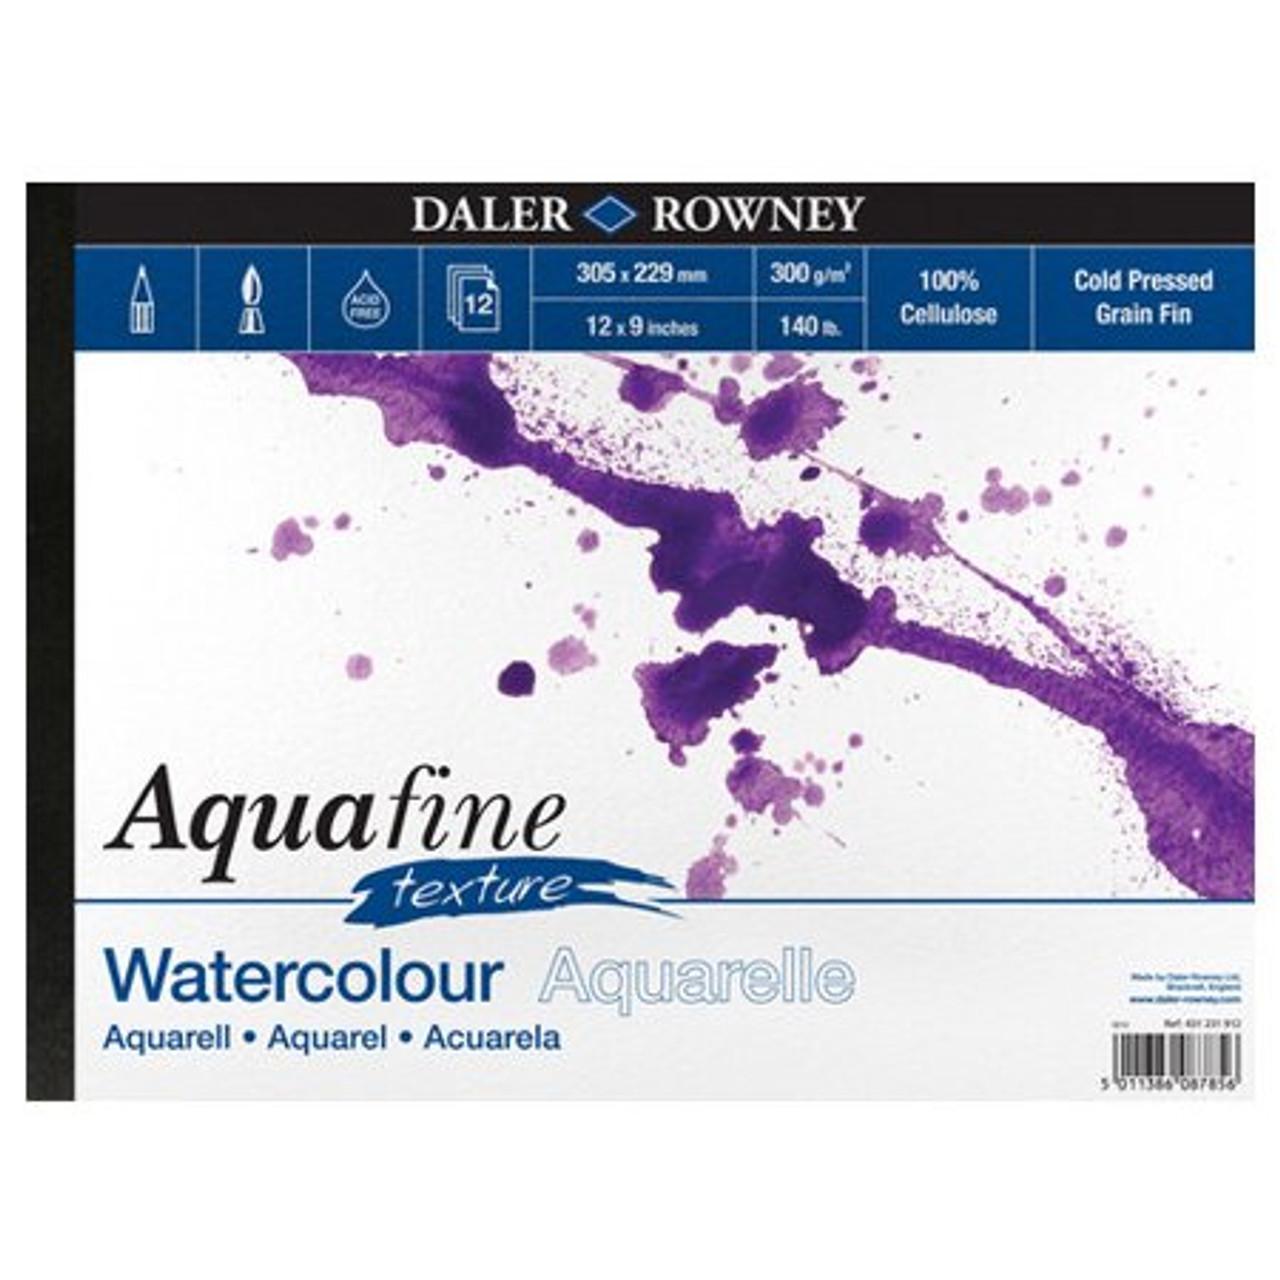 Aquafine Watercolour Paper Cold Pressed.